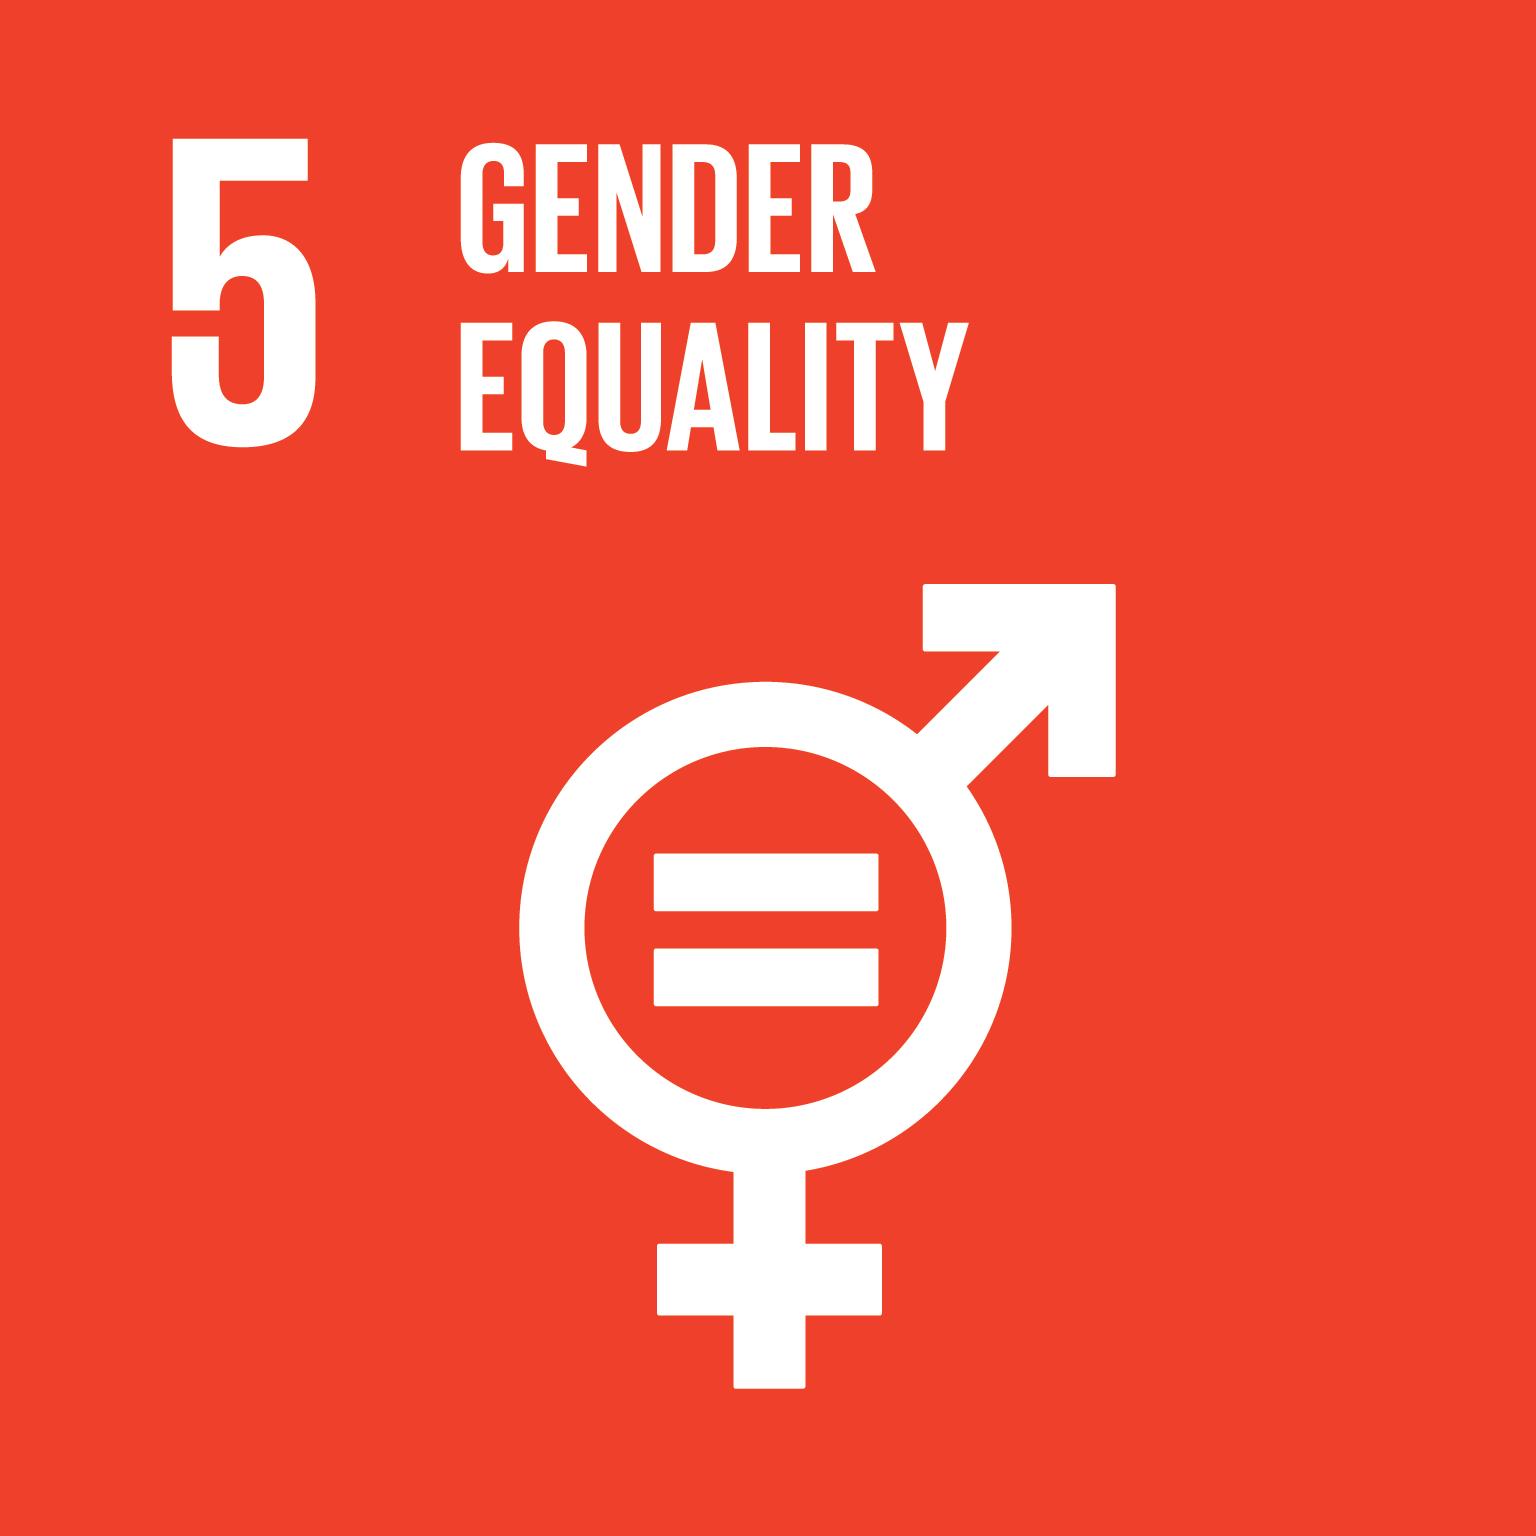 05 Gender Equality SDG